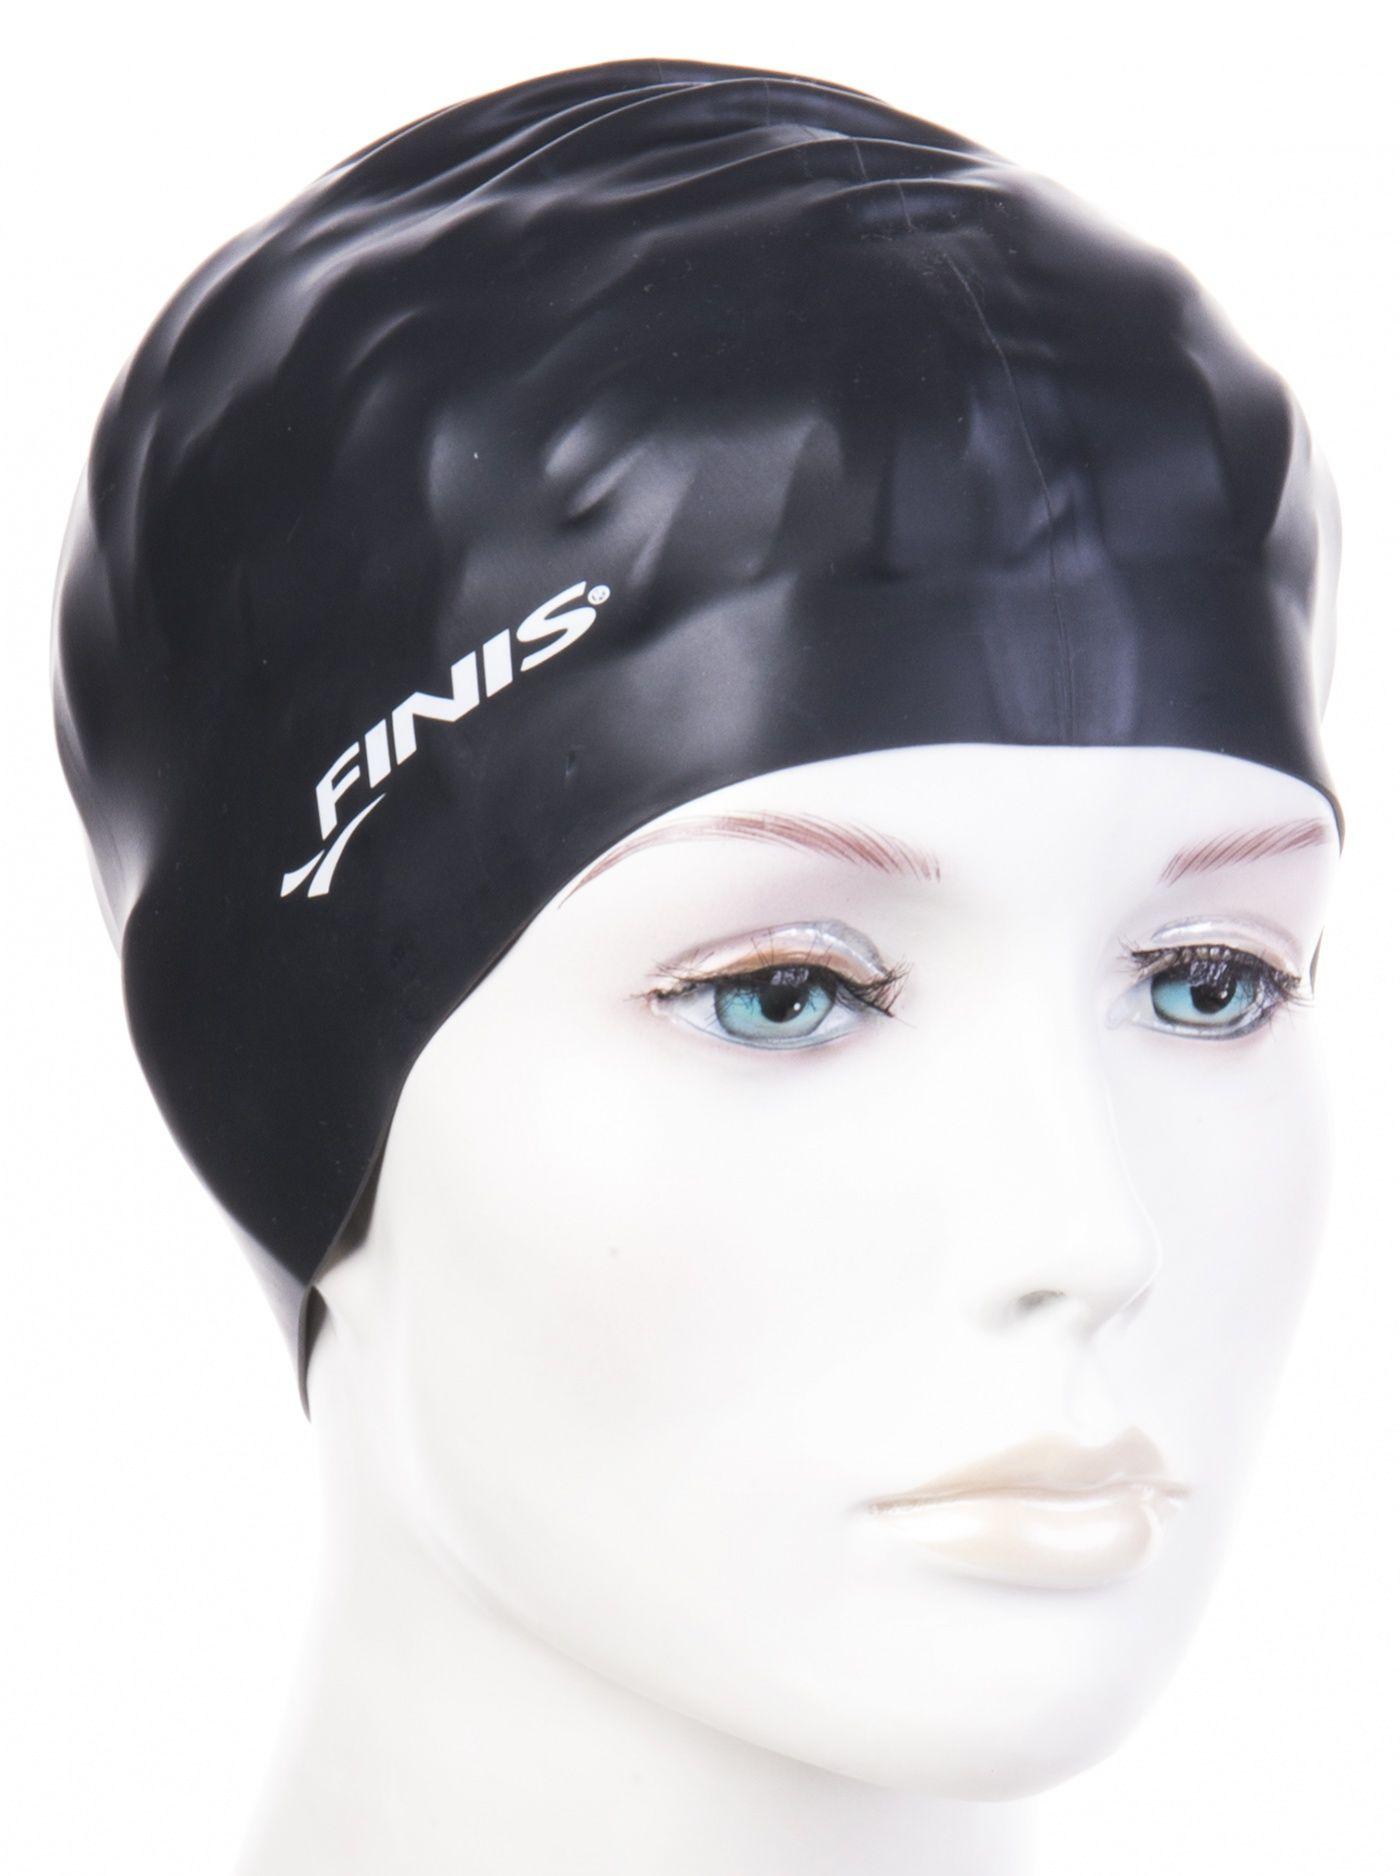 Czepek pływacki finis silicone cap czarny